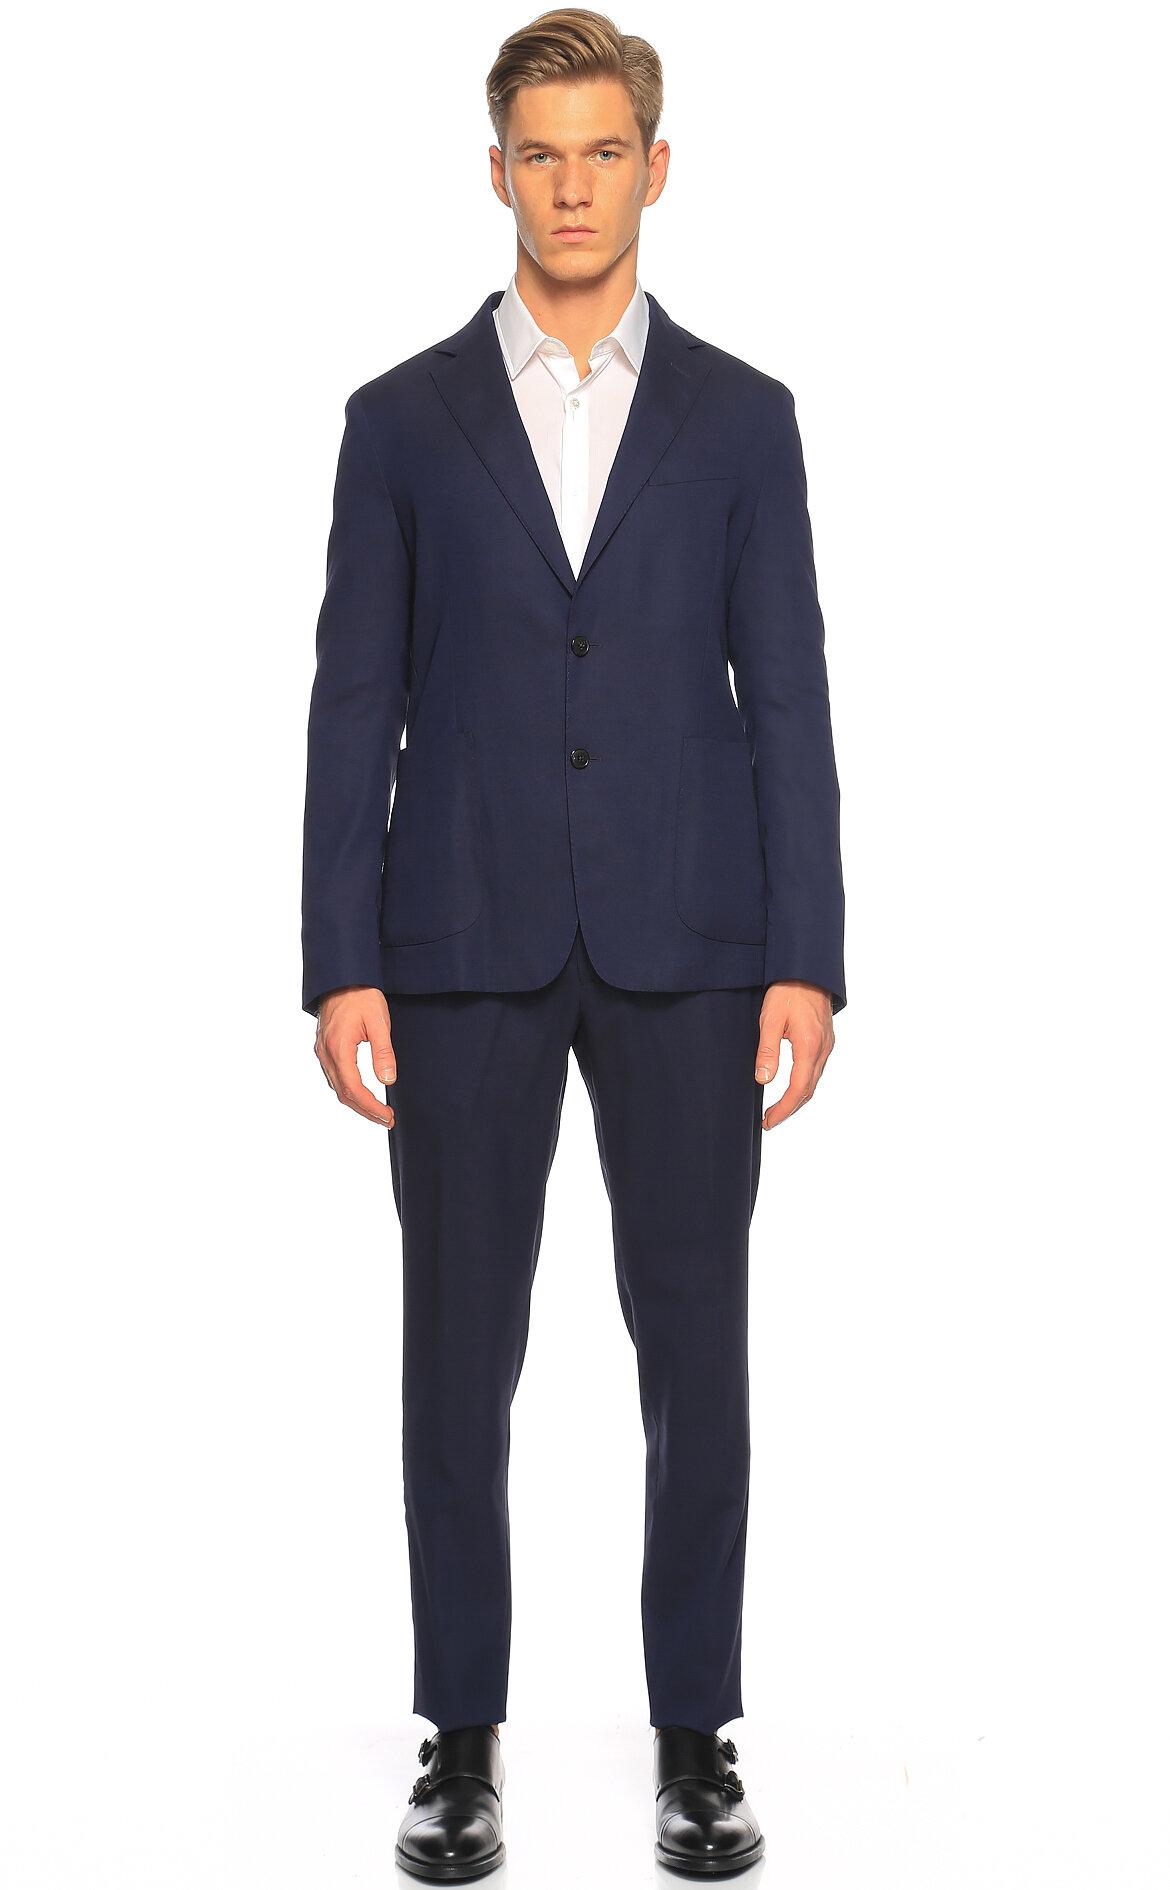 Pal Zileri-Pal Zileri Lacivert Takım Elbise